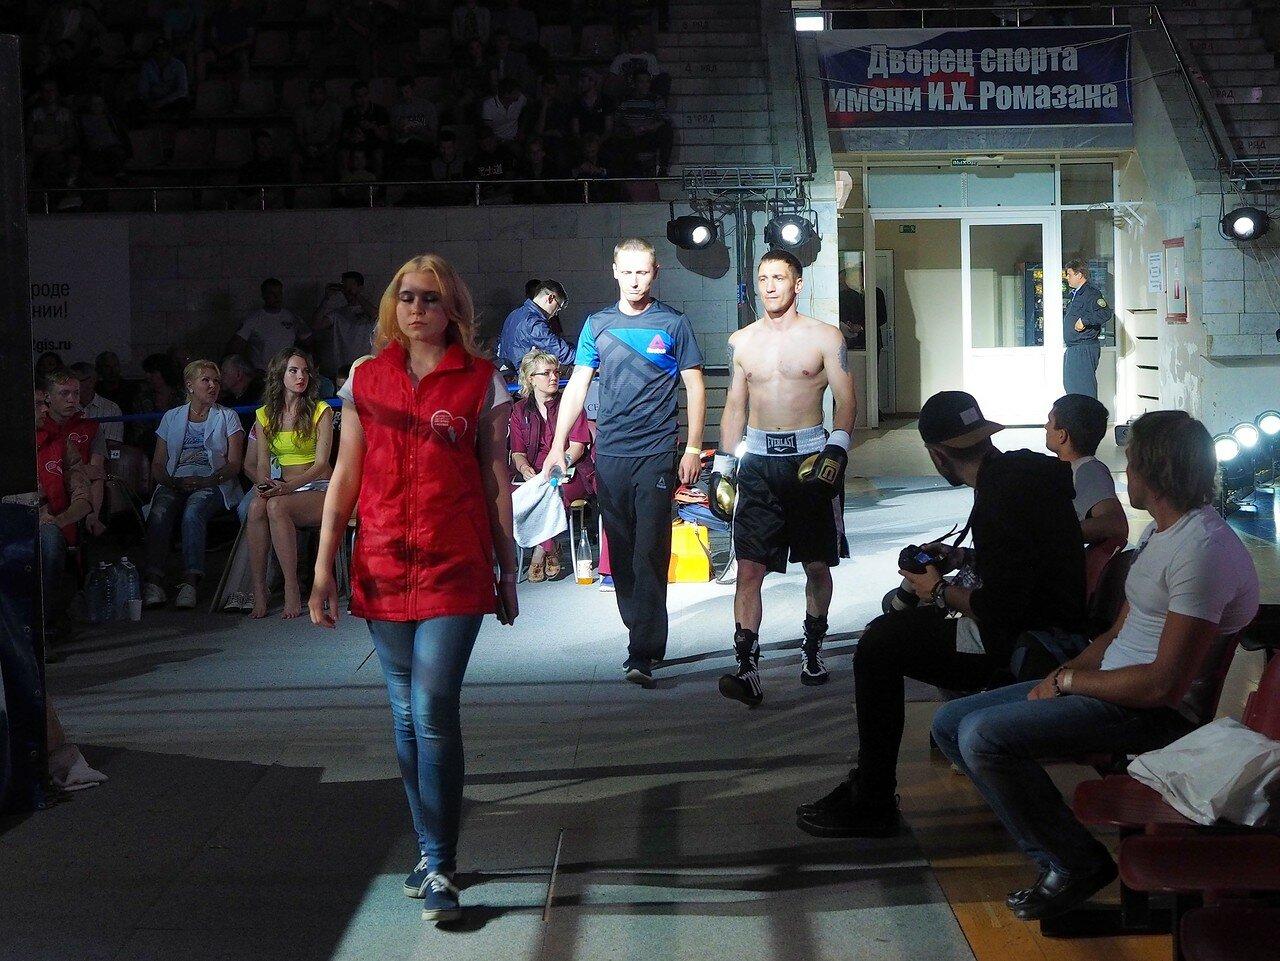 81 Вечер профессионального бокса в Магнитогорске 06.07.2017